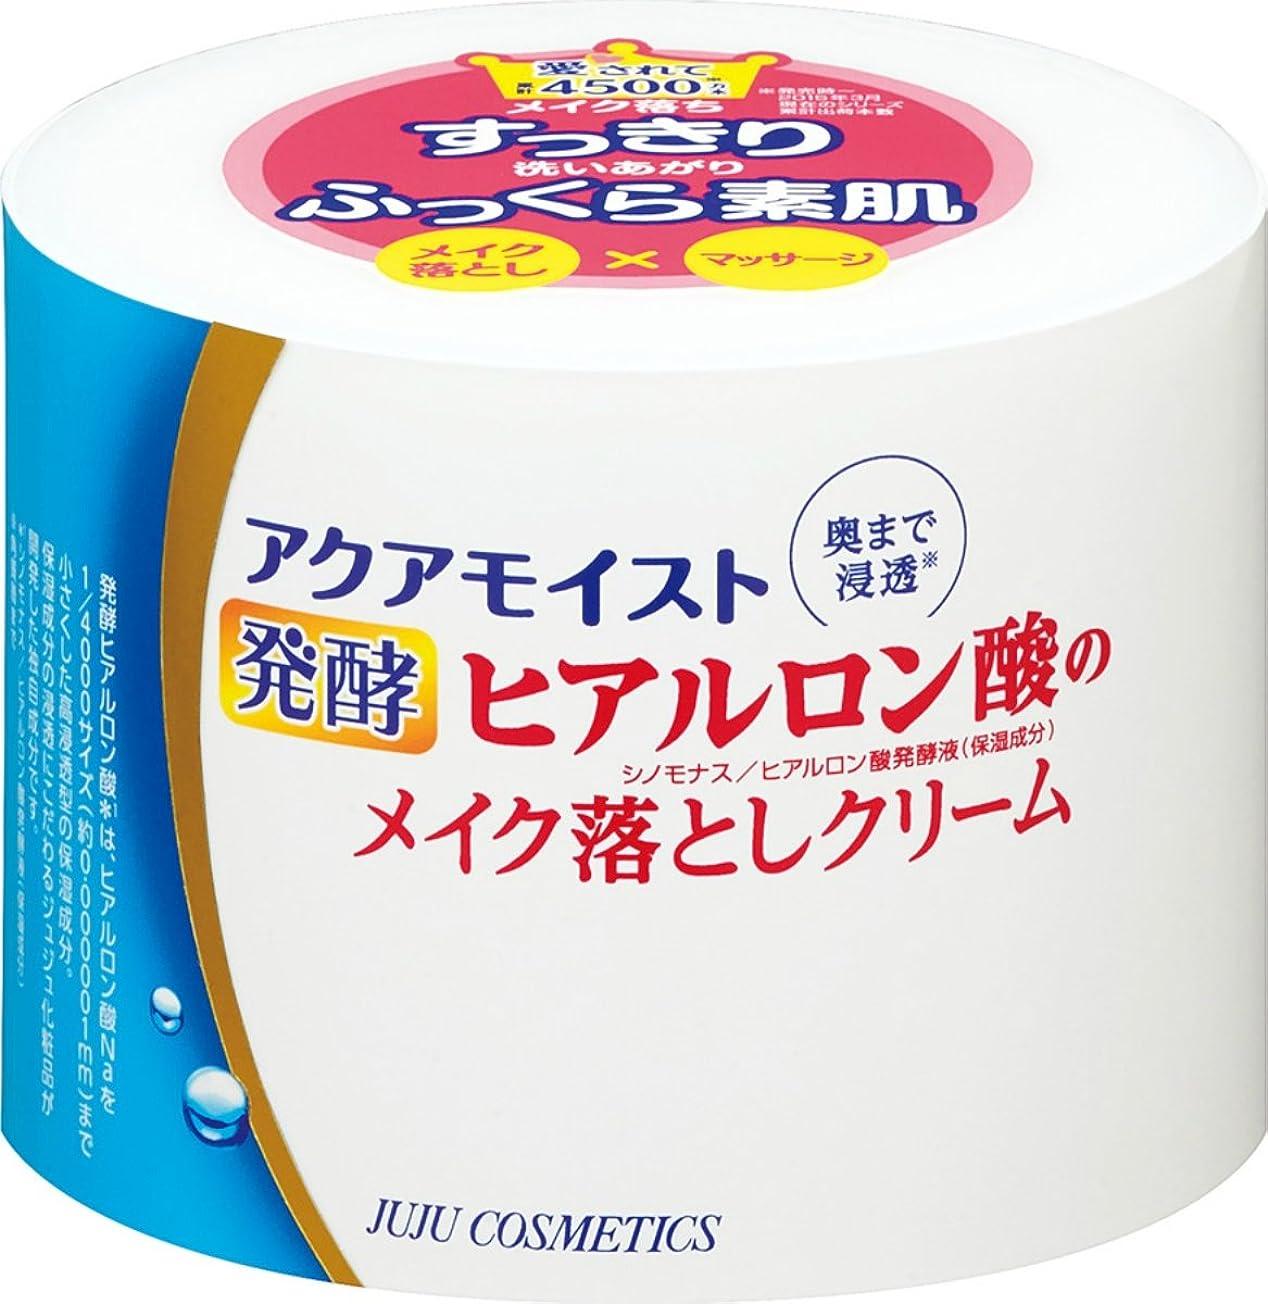 関税マラソントンアクアモイスト 発酵ヒアルロン酸のメイク落としクリーム 160g